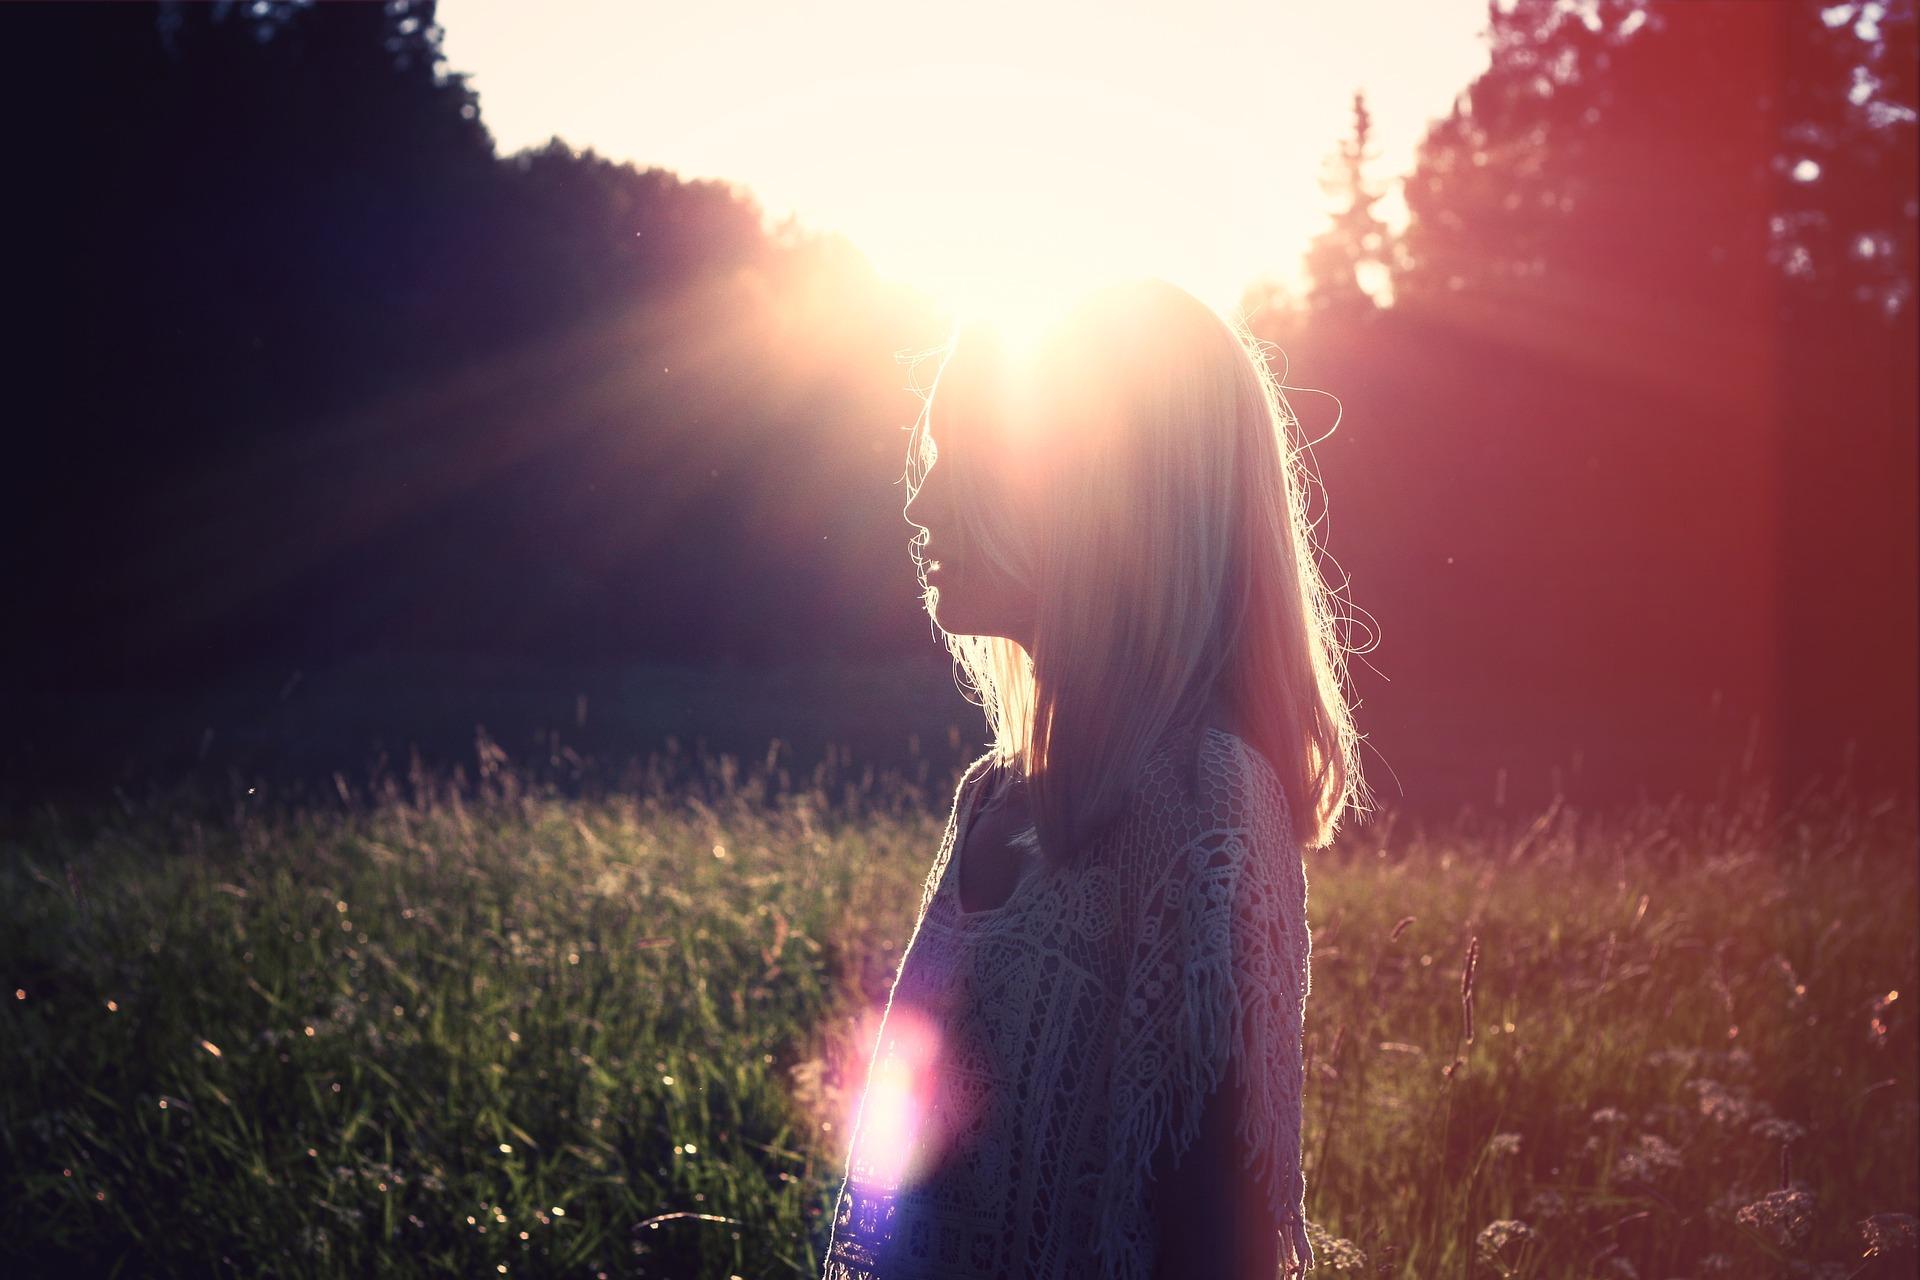 在两性关系中,情感价值占据着怎样的位置?